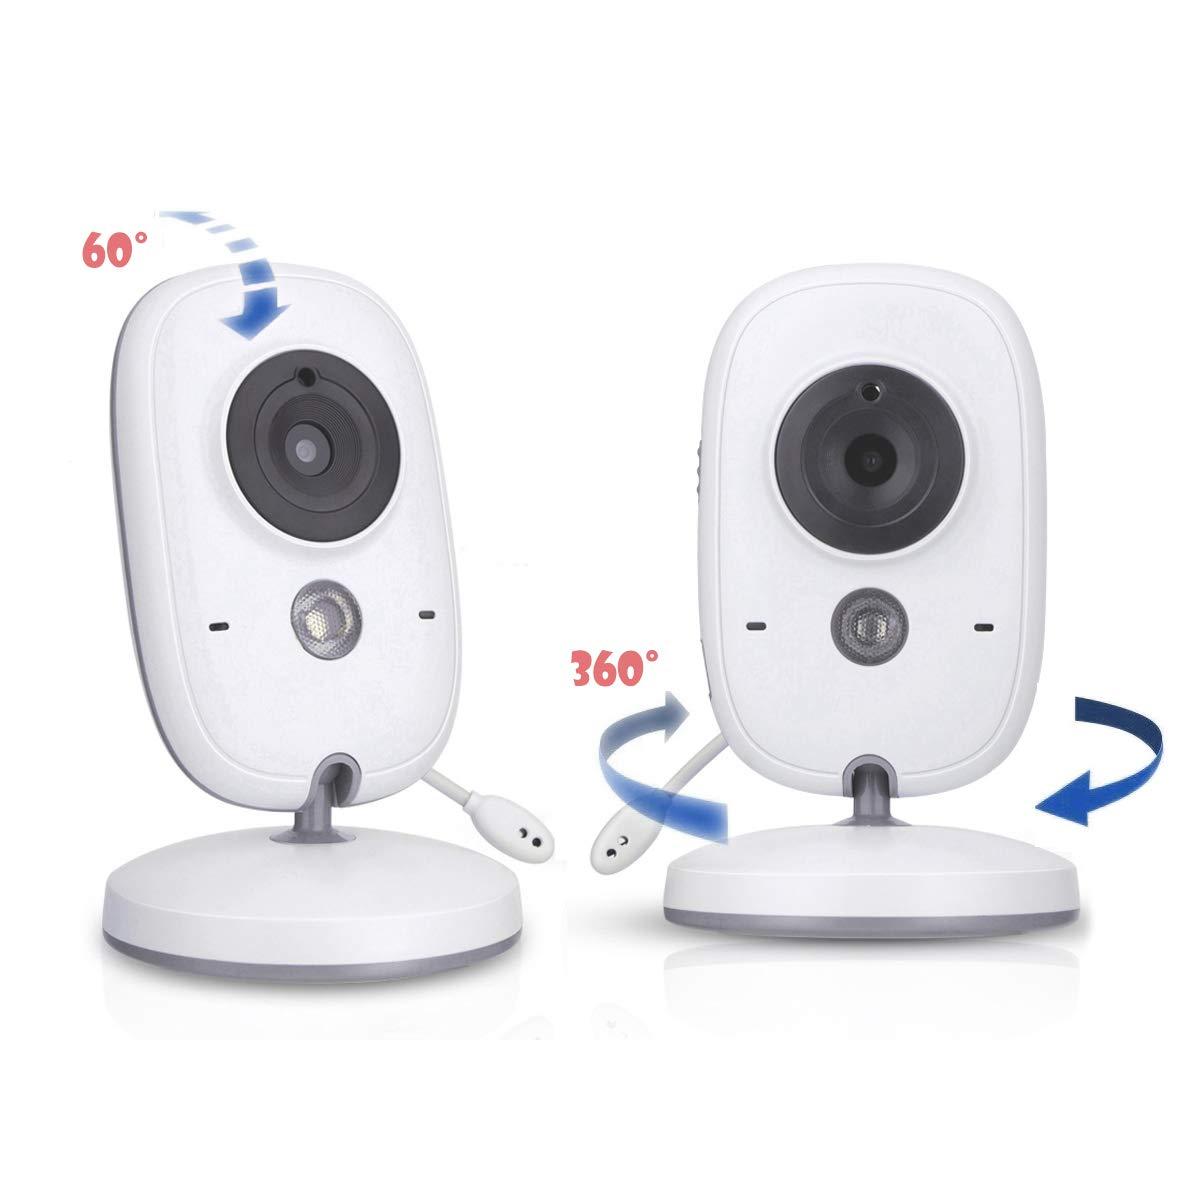 AWANFI C/ámara de Vigilancia Infantil con Funci/ón Walkie Talkie Beb/é Monitor Comunicaci/ón Bidireccional Vigilabeb/és Inal/ámbrico con Pantalla LCD de 3.2 Visi/ón Nocturna y Monitoreo de Temperatura